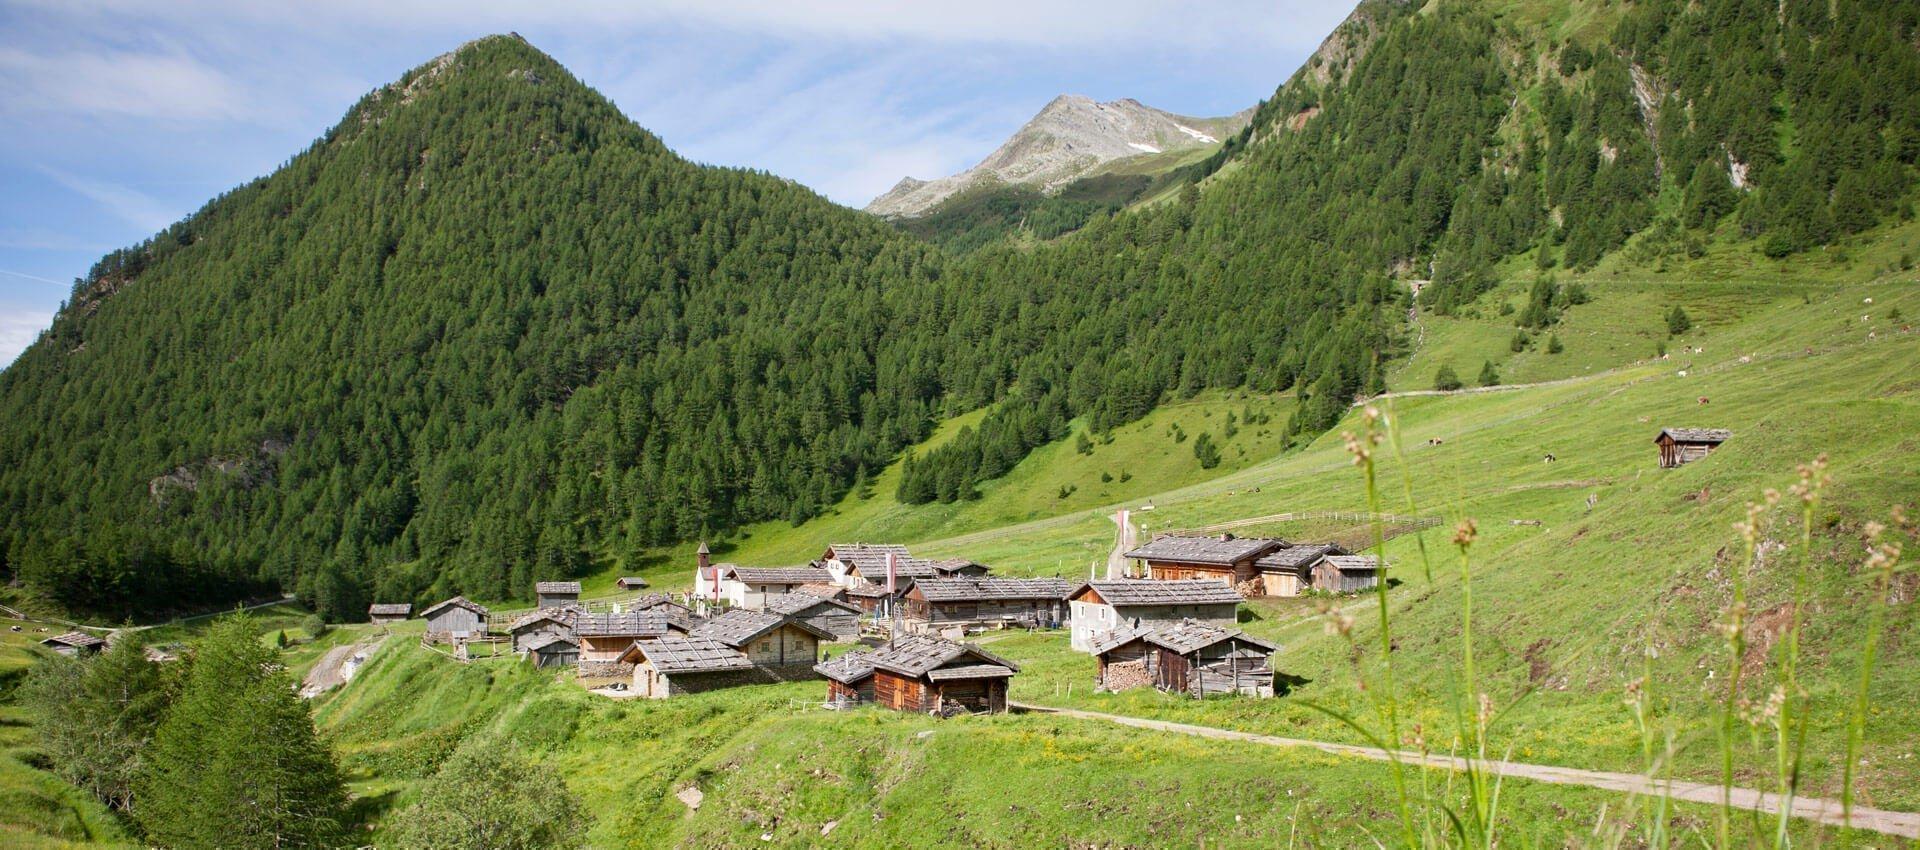 sommerurlaub-in-den-bergen-04